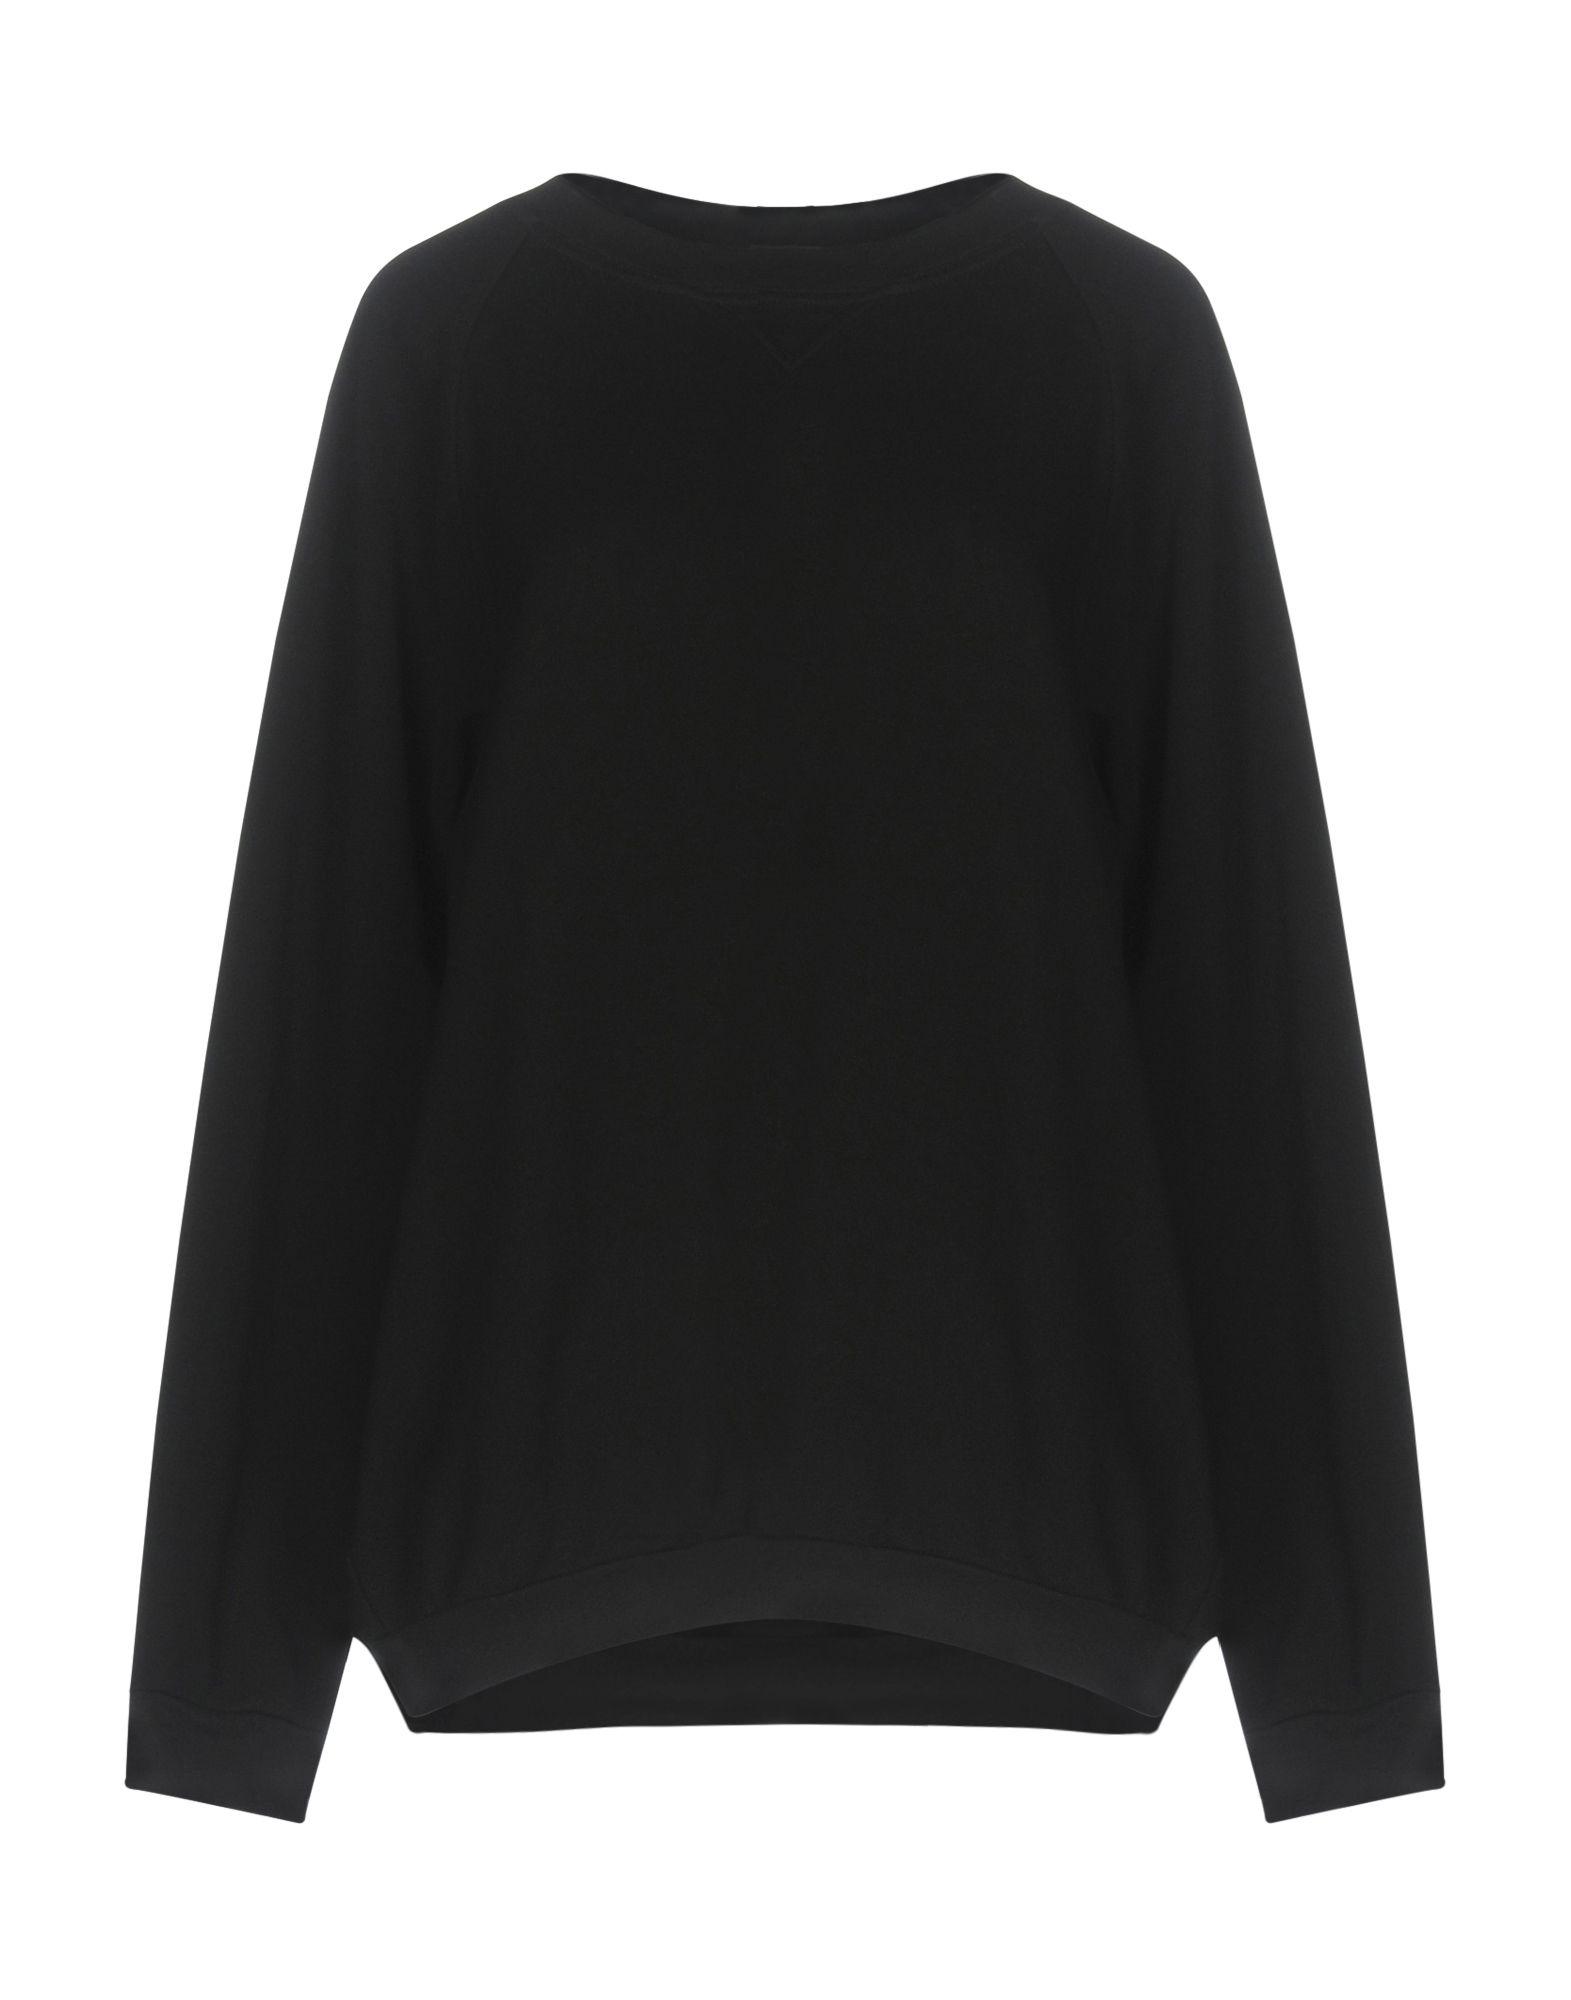 AIEZEN Sweatshirt in Black